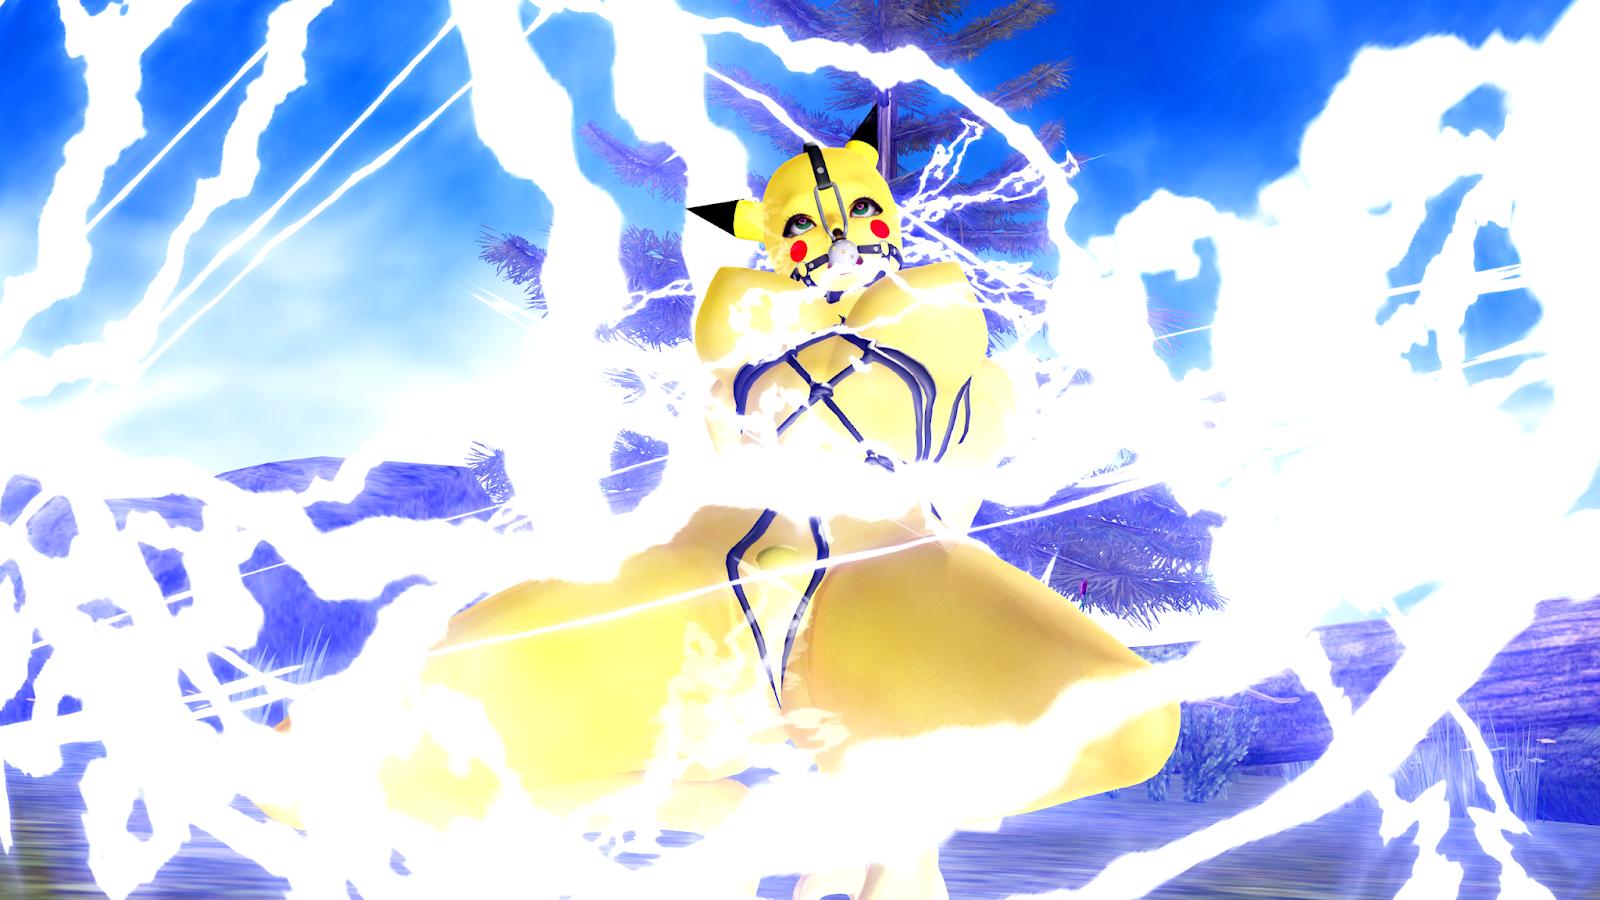 [ㅇㅎ] 포켓몬스터 - 로켓단, 등장!!